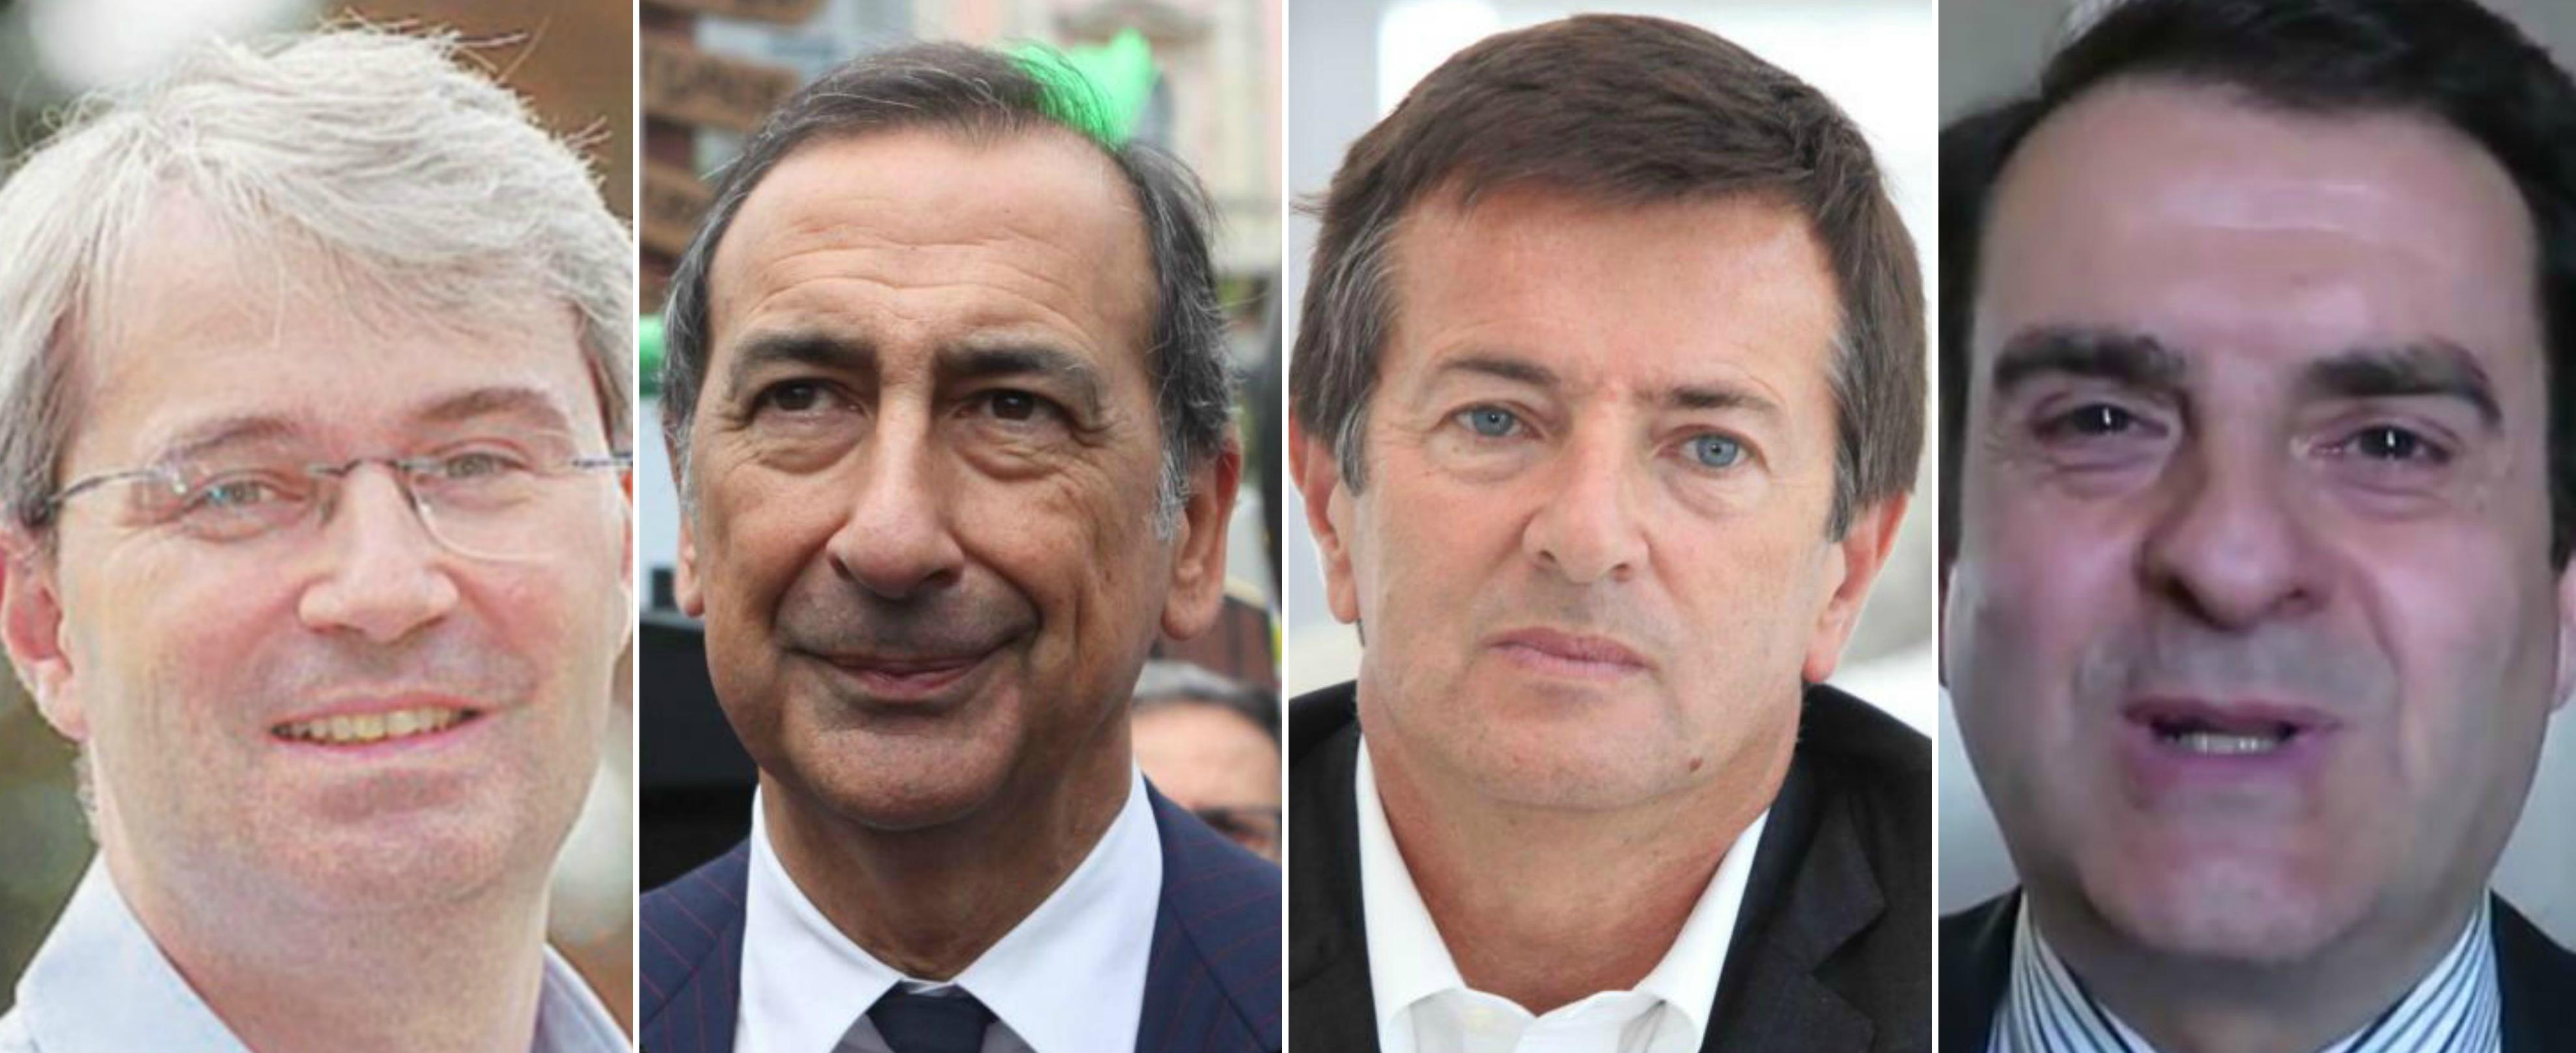 """Referendum Lombardia, i sindaci Pd cambiano verso: """"Votiamo Sì, non è solo della Lega"""". Finora il partito era contro"""